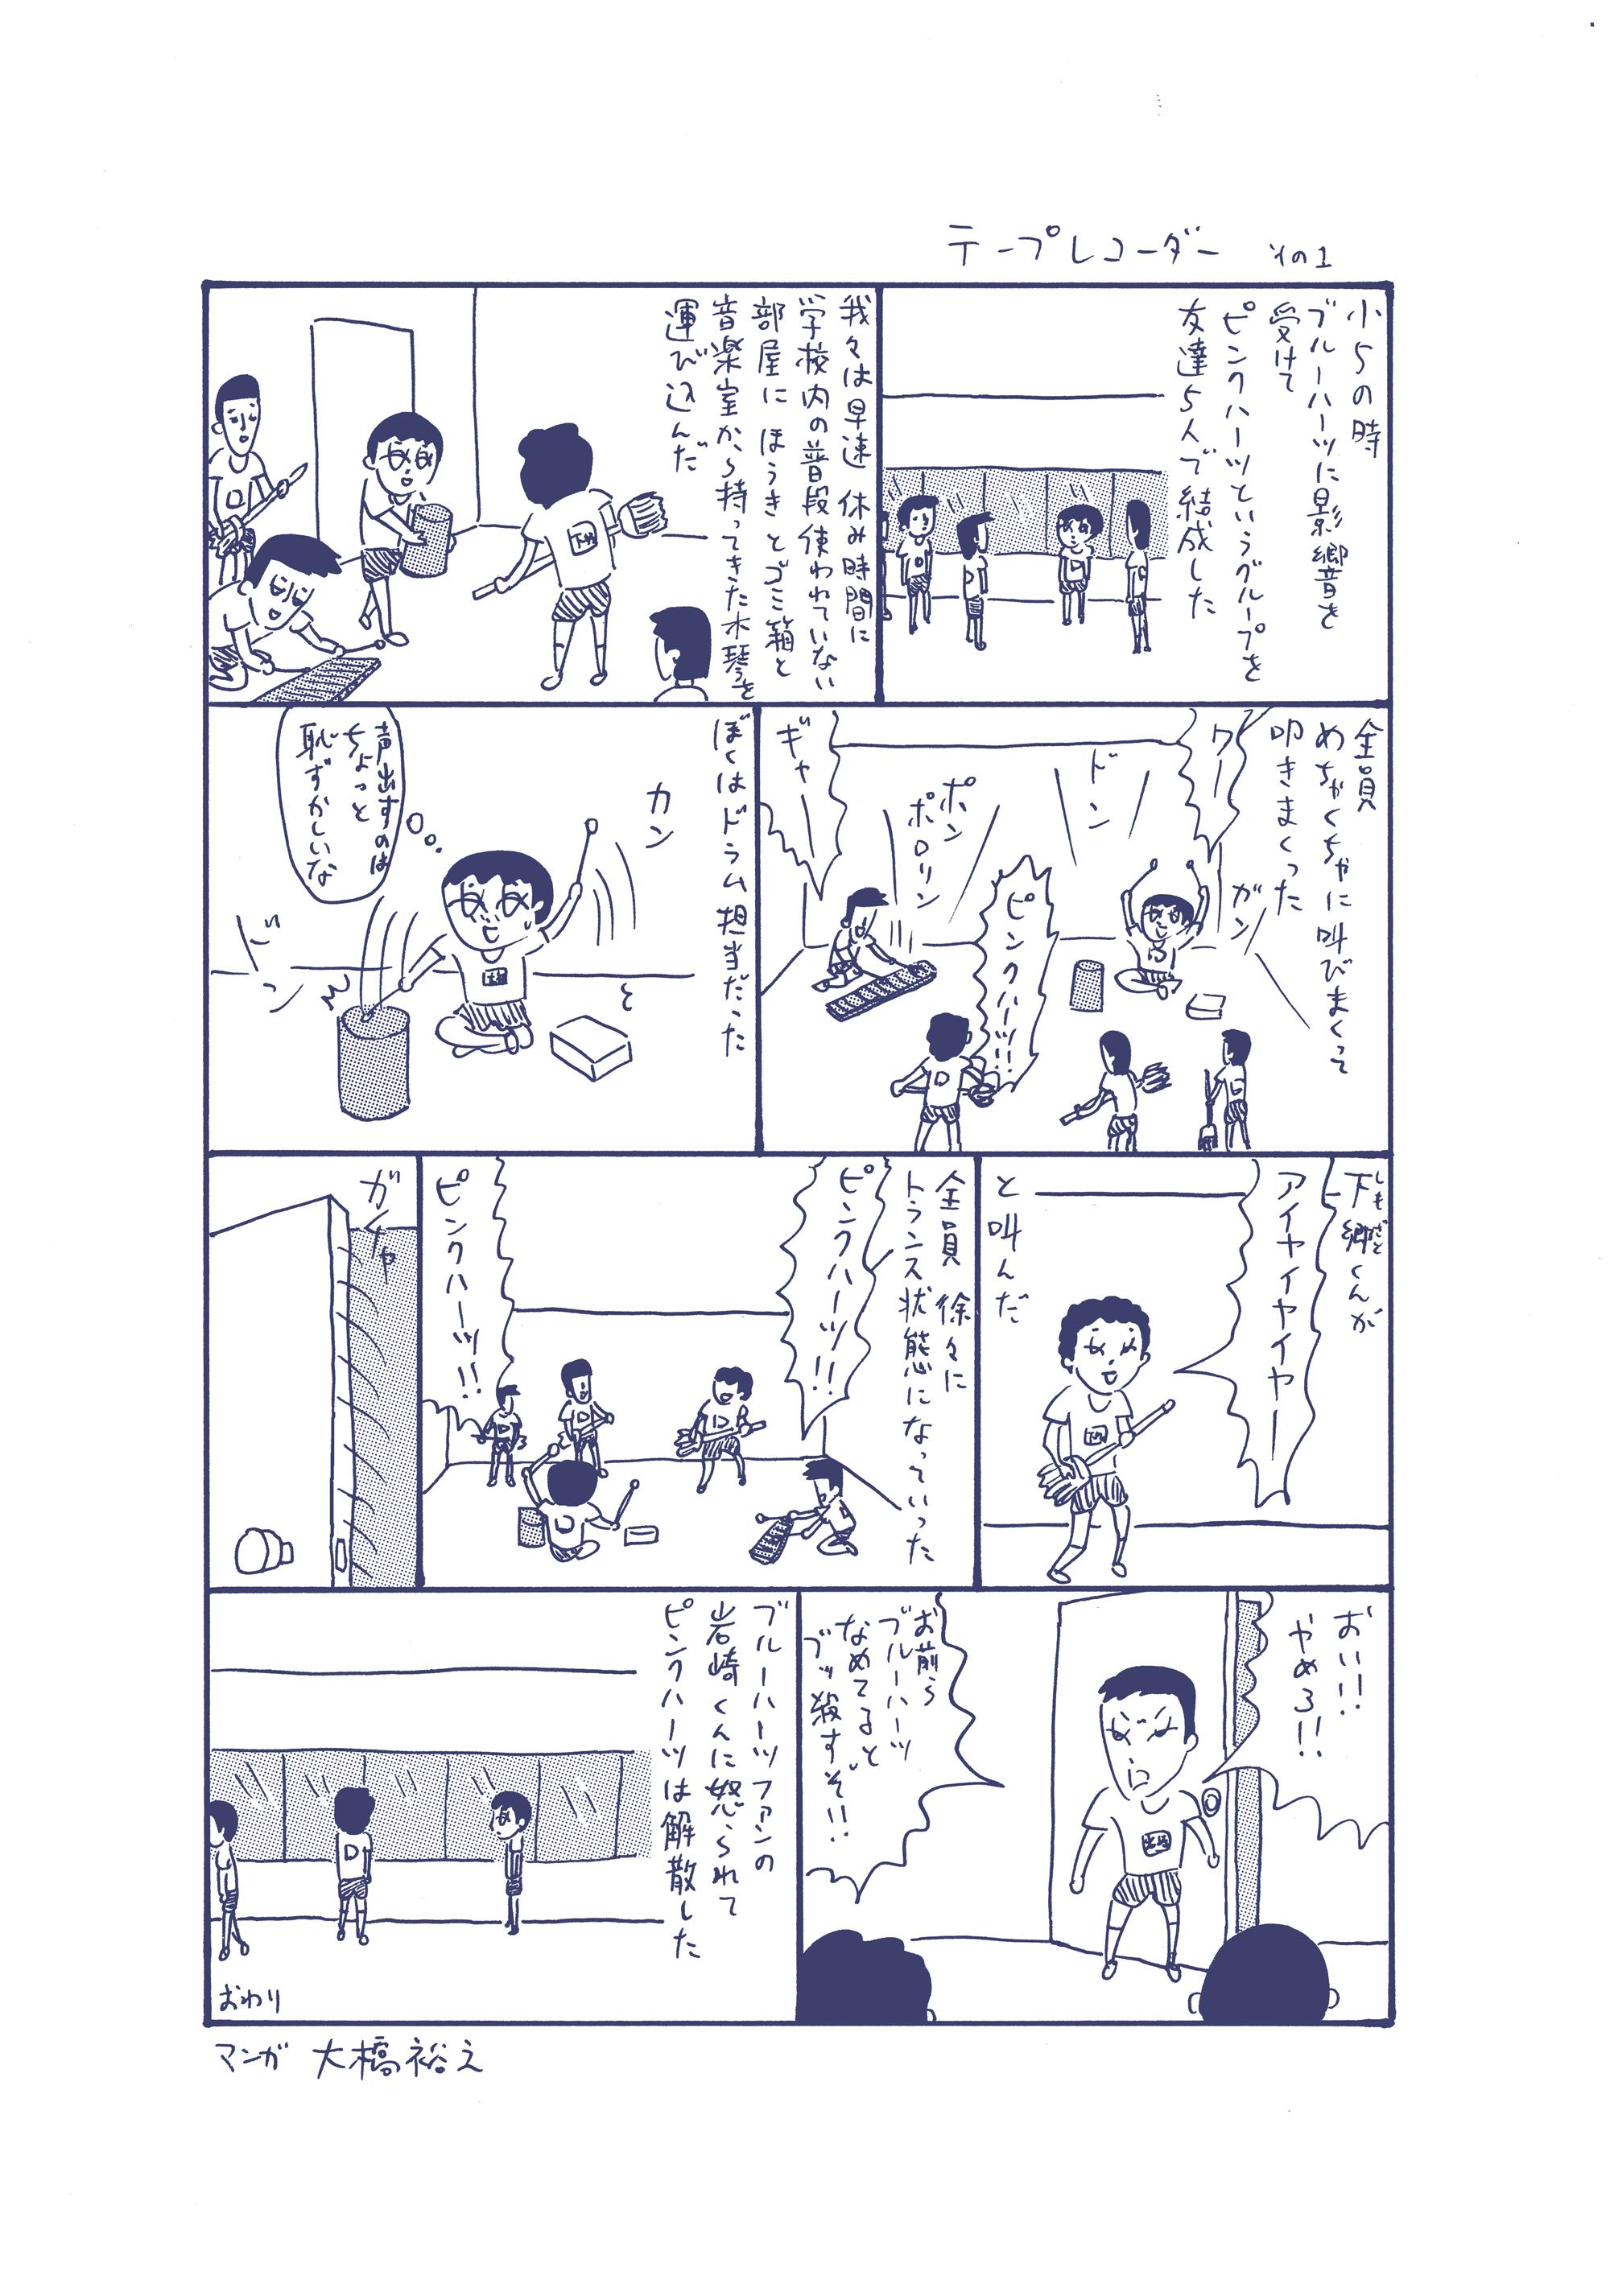 oohashi-001